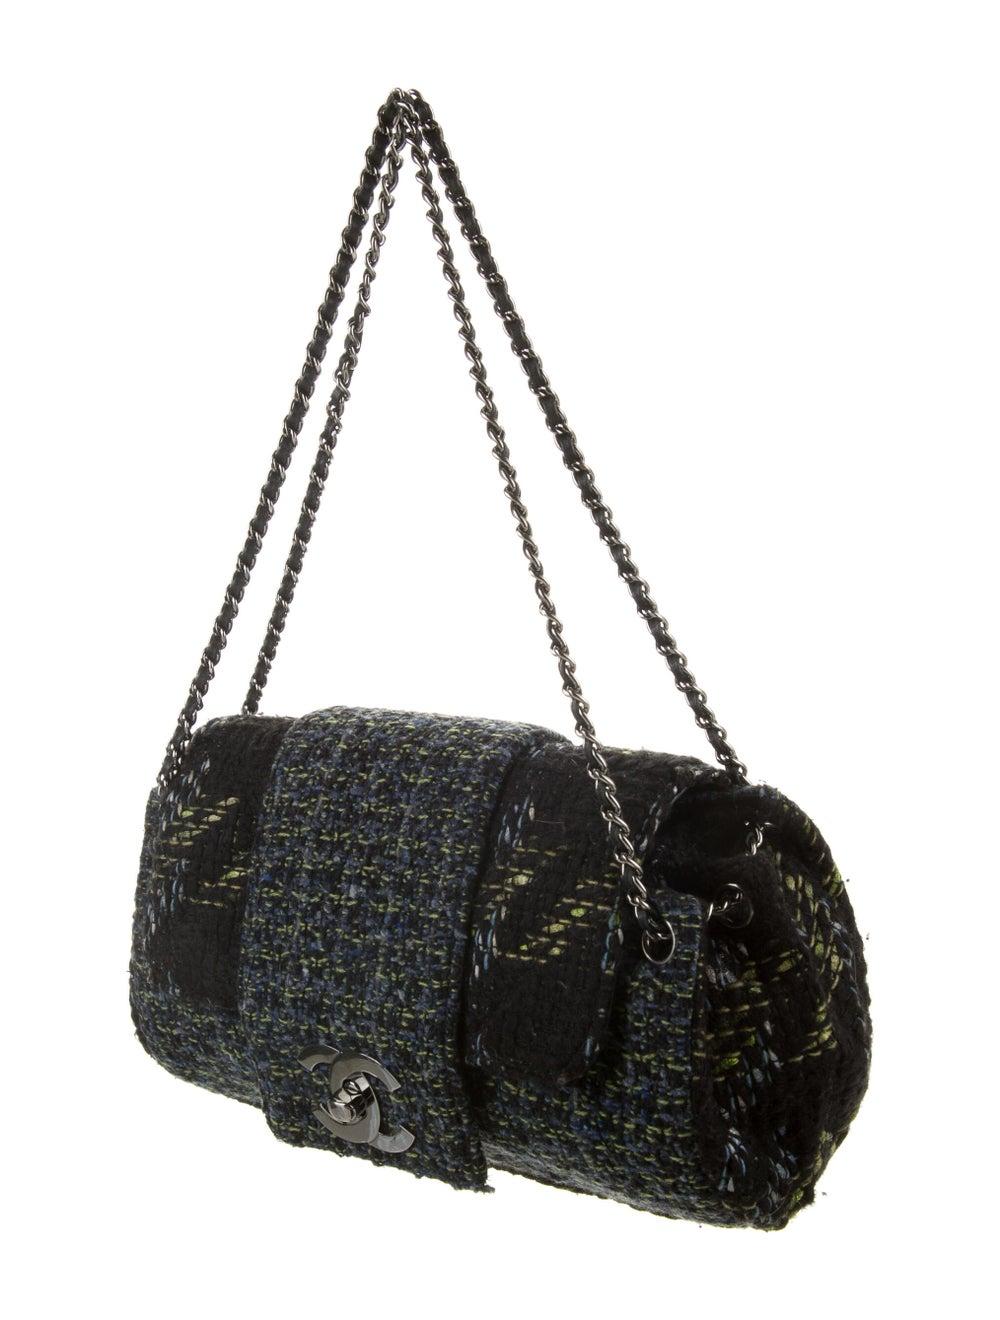 Chanel Tweed Flap Bag Black - image 3